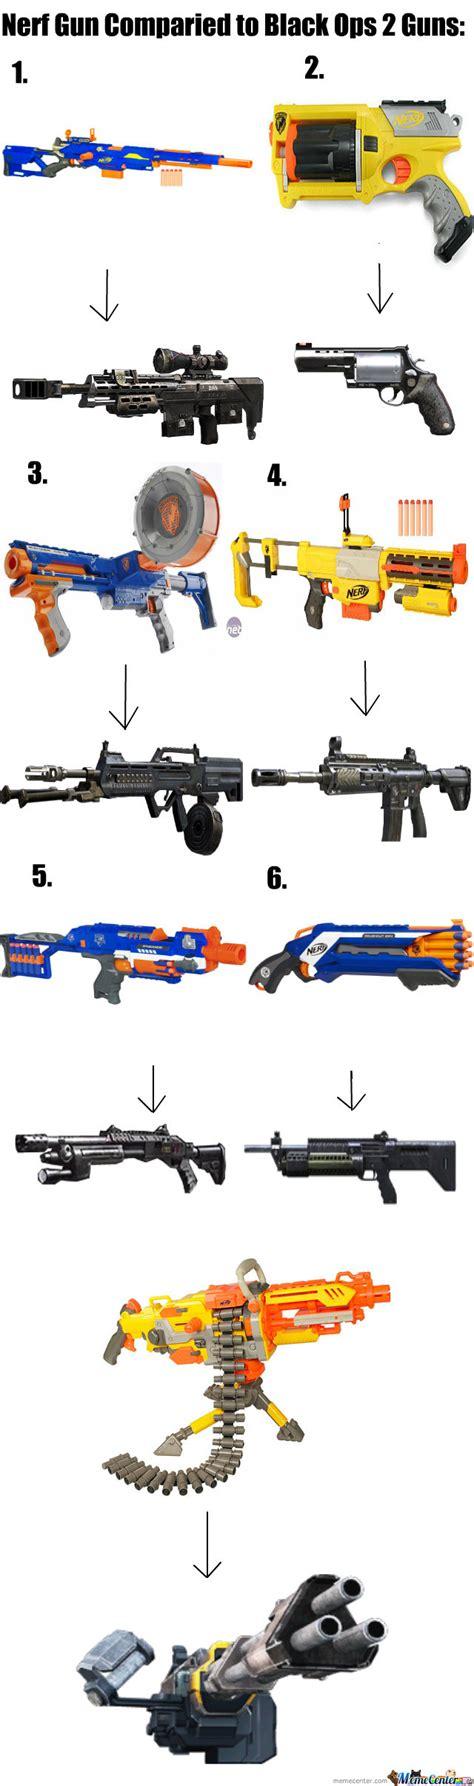 Nerf Gun Meme - nerf guns compaired to bo2 guns by thatguycalledalex meme center